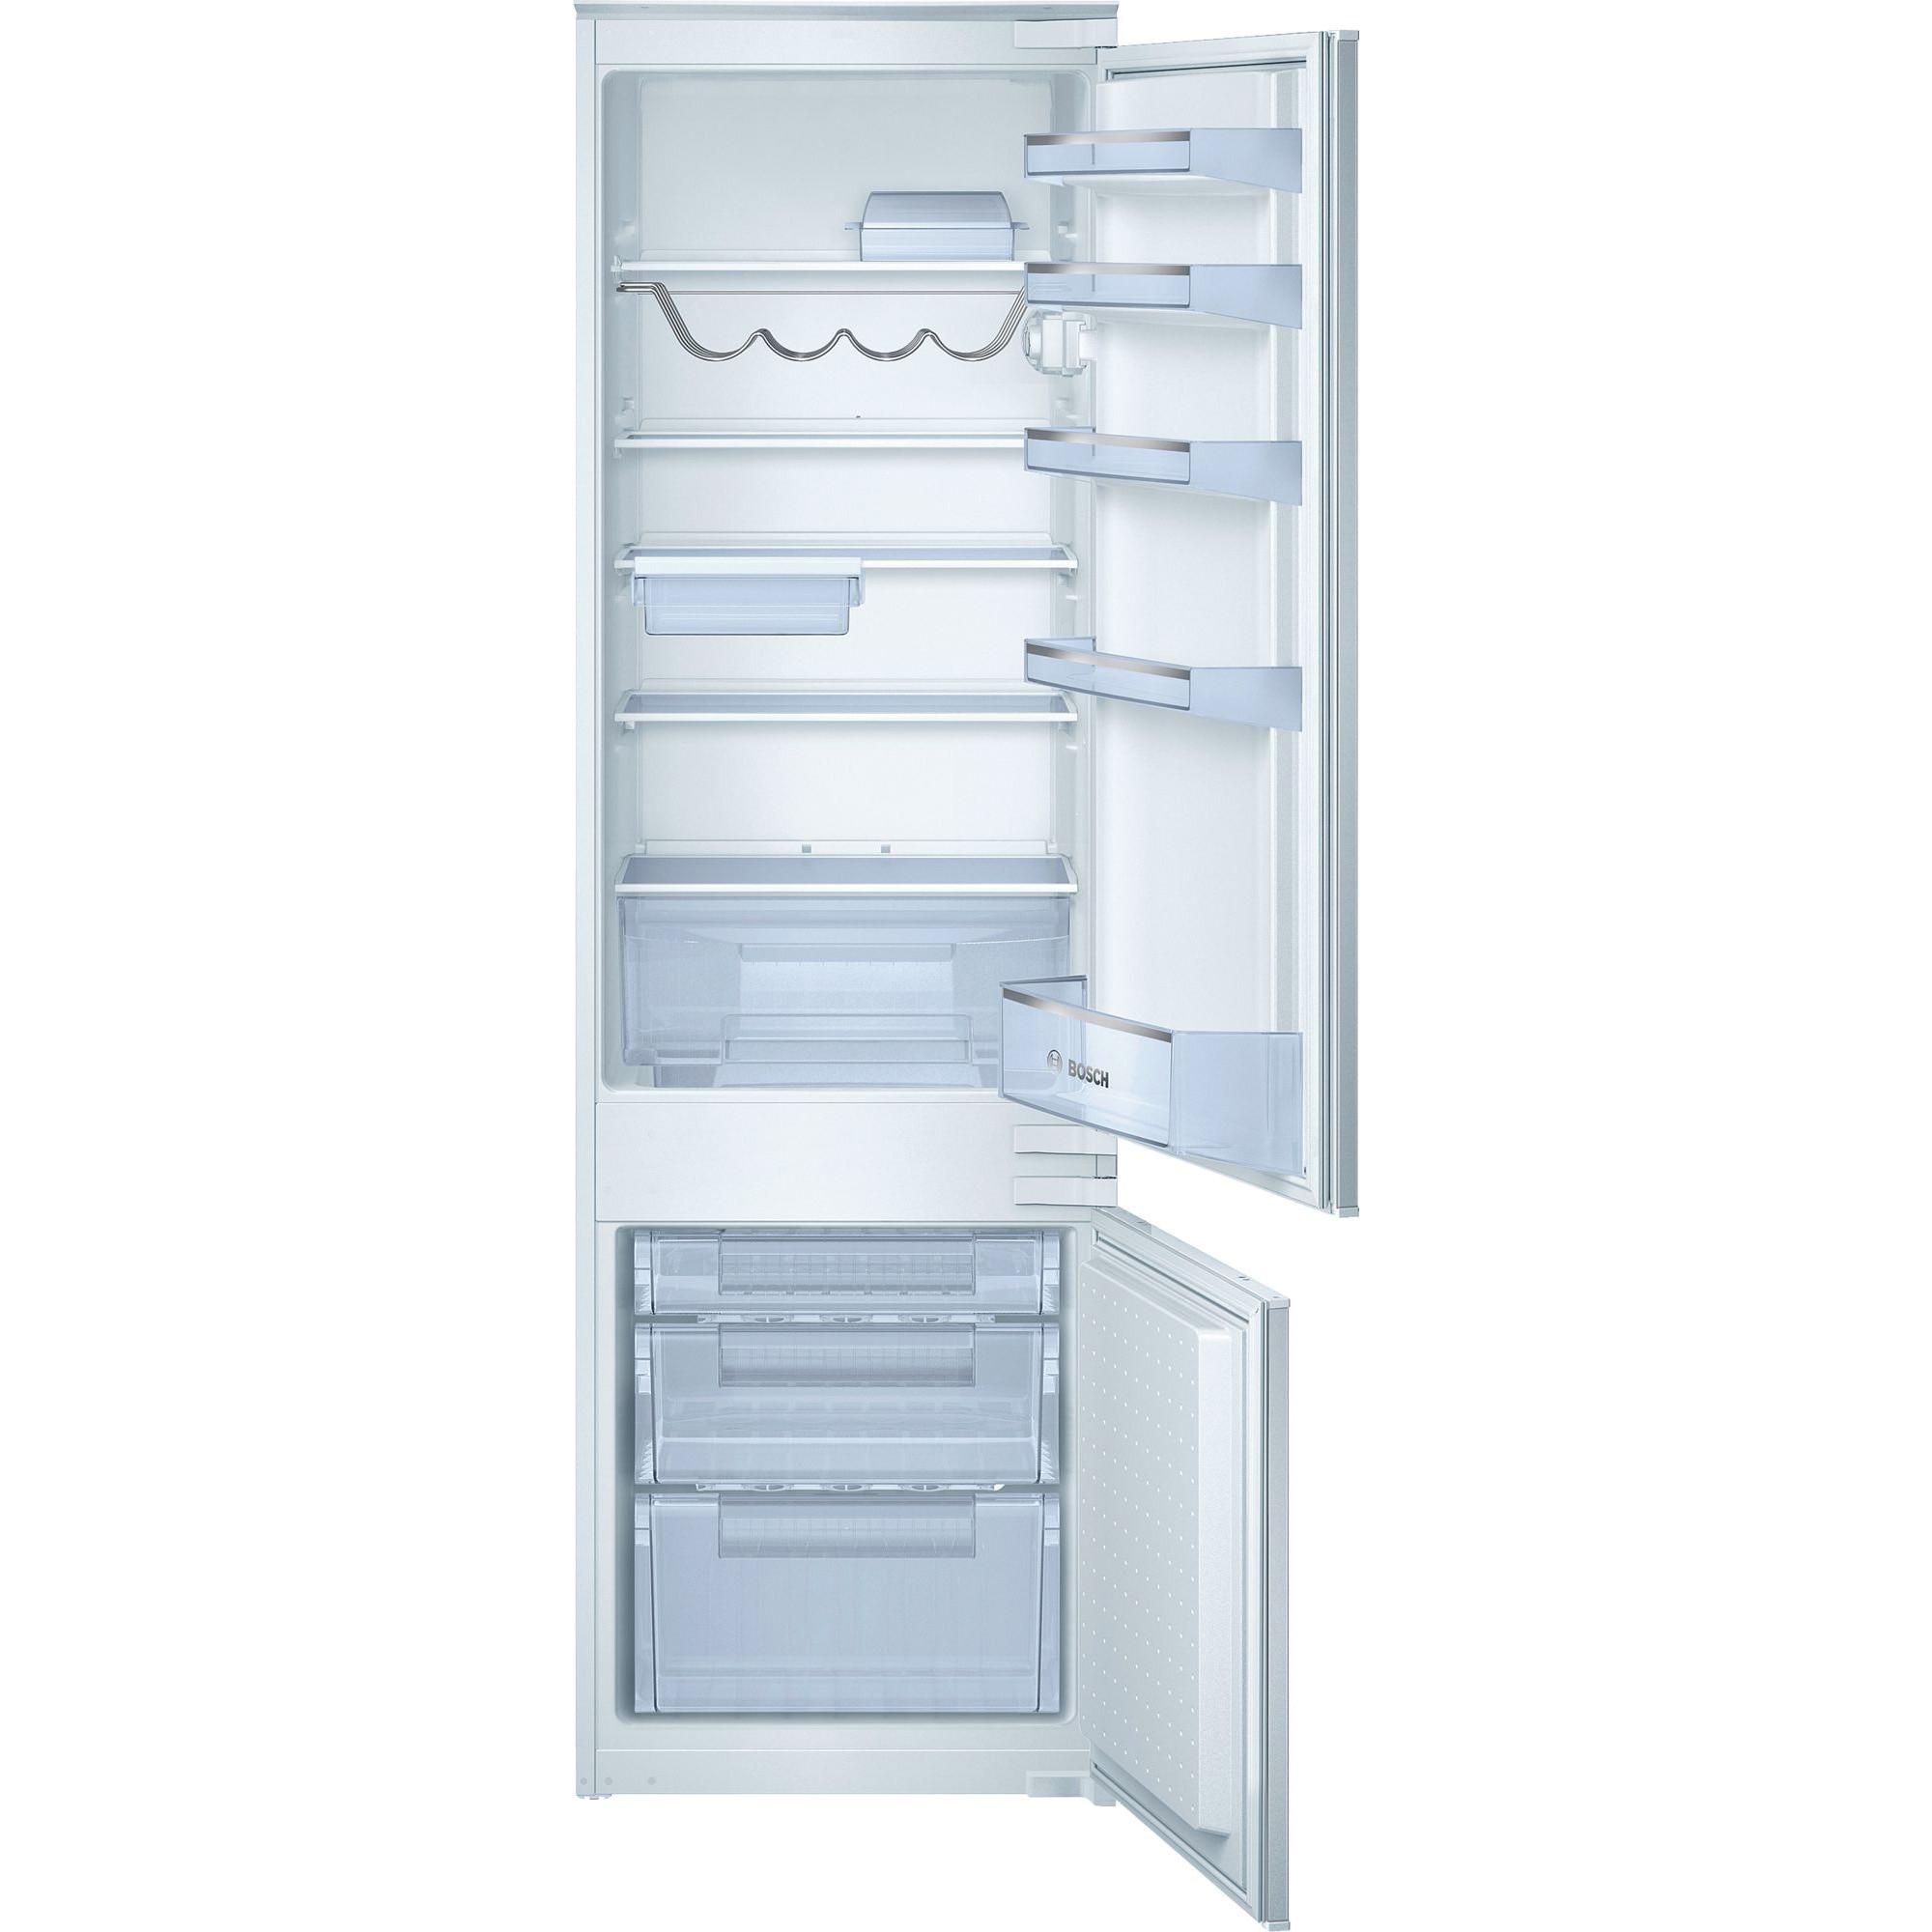 Fotografie Combina frigorifica incorporabila Bosch KIV38X20, 279 l, Clasa A+, H 177 cm